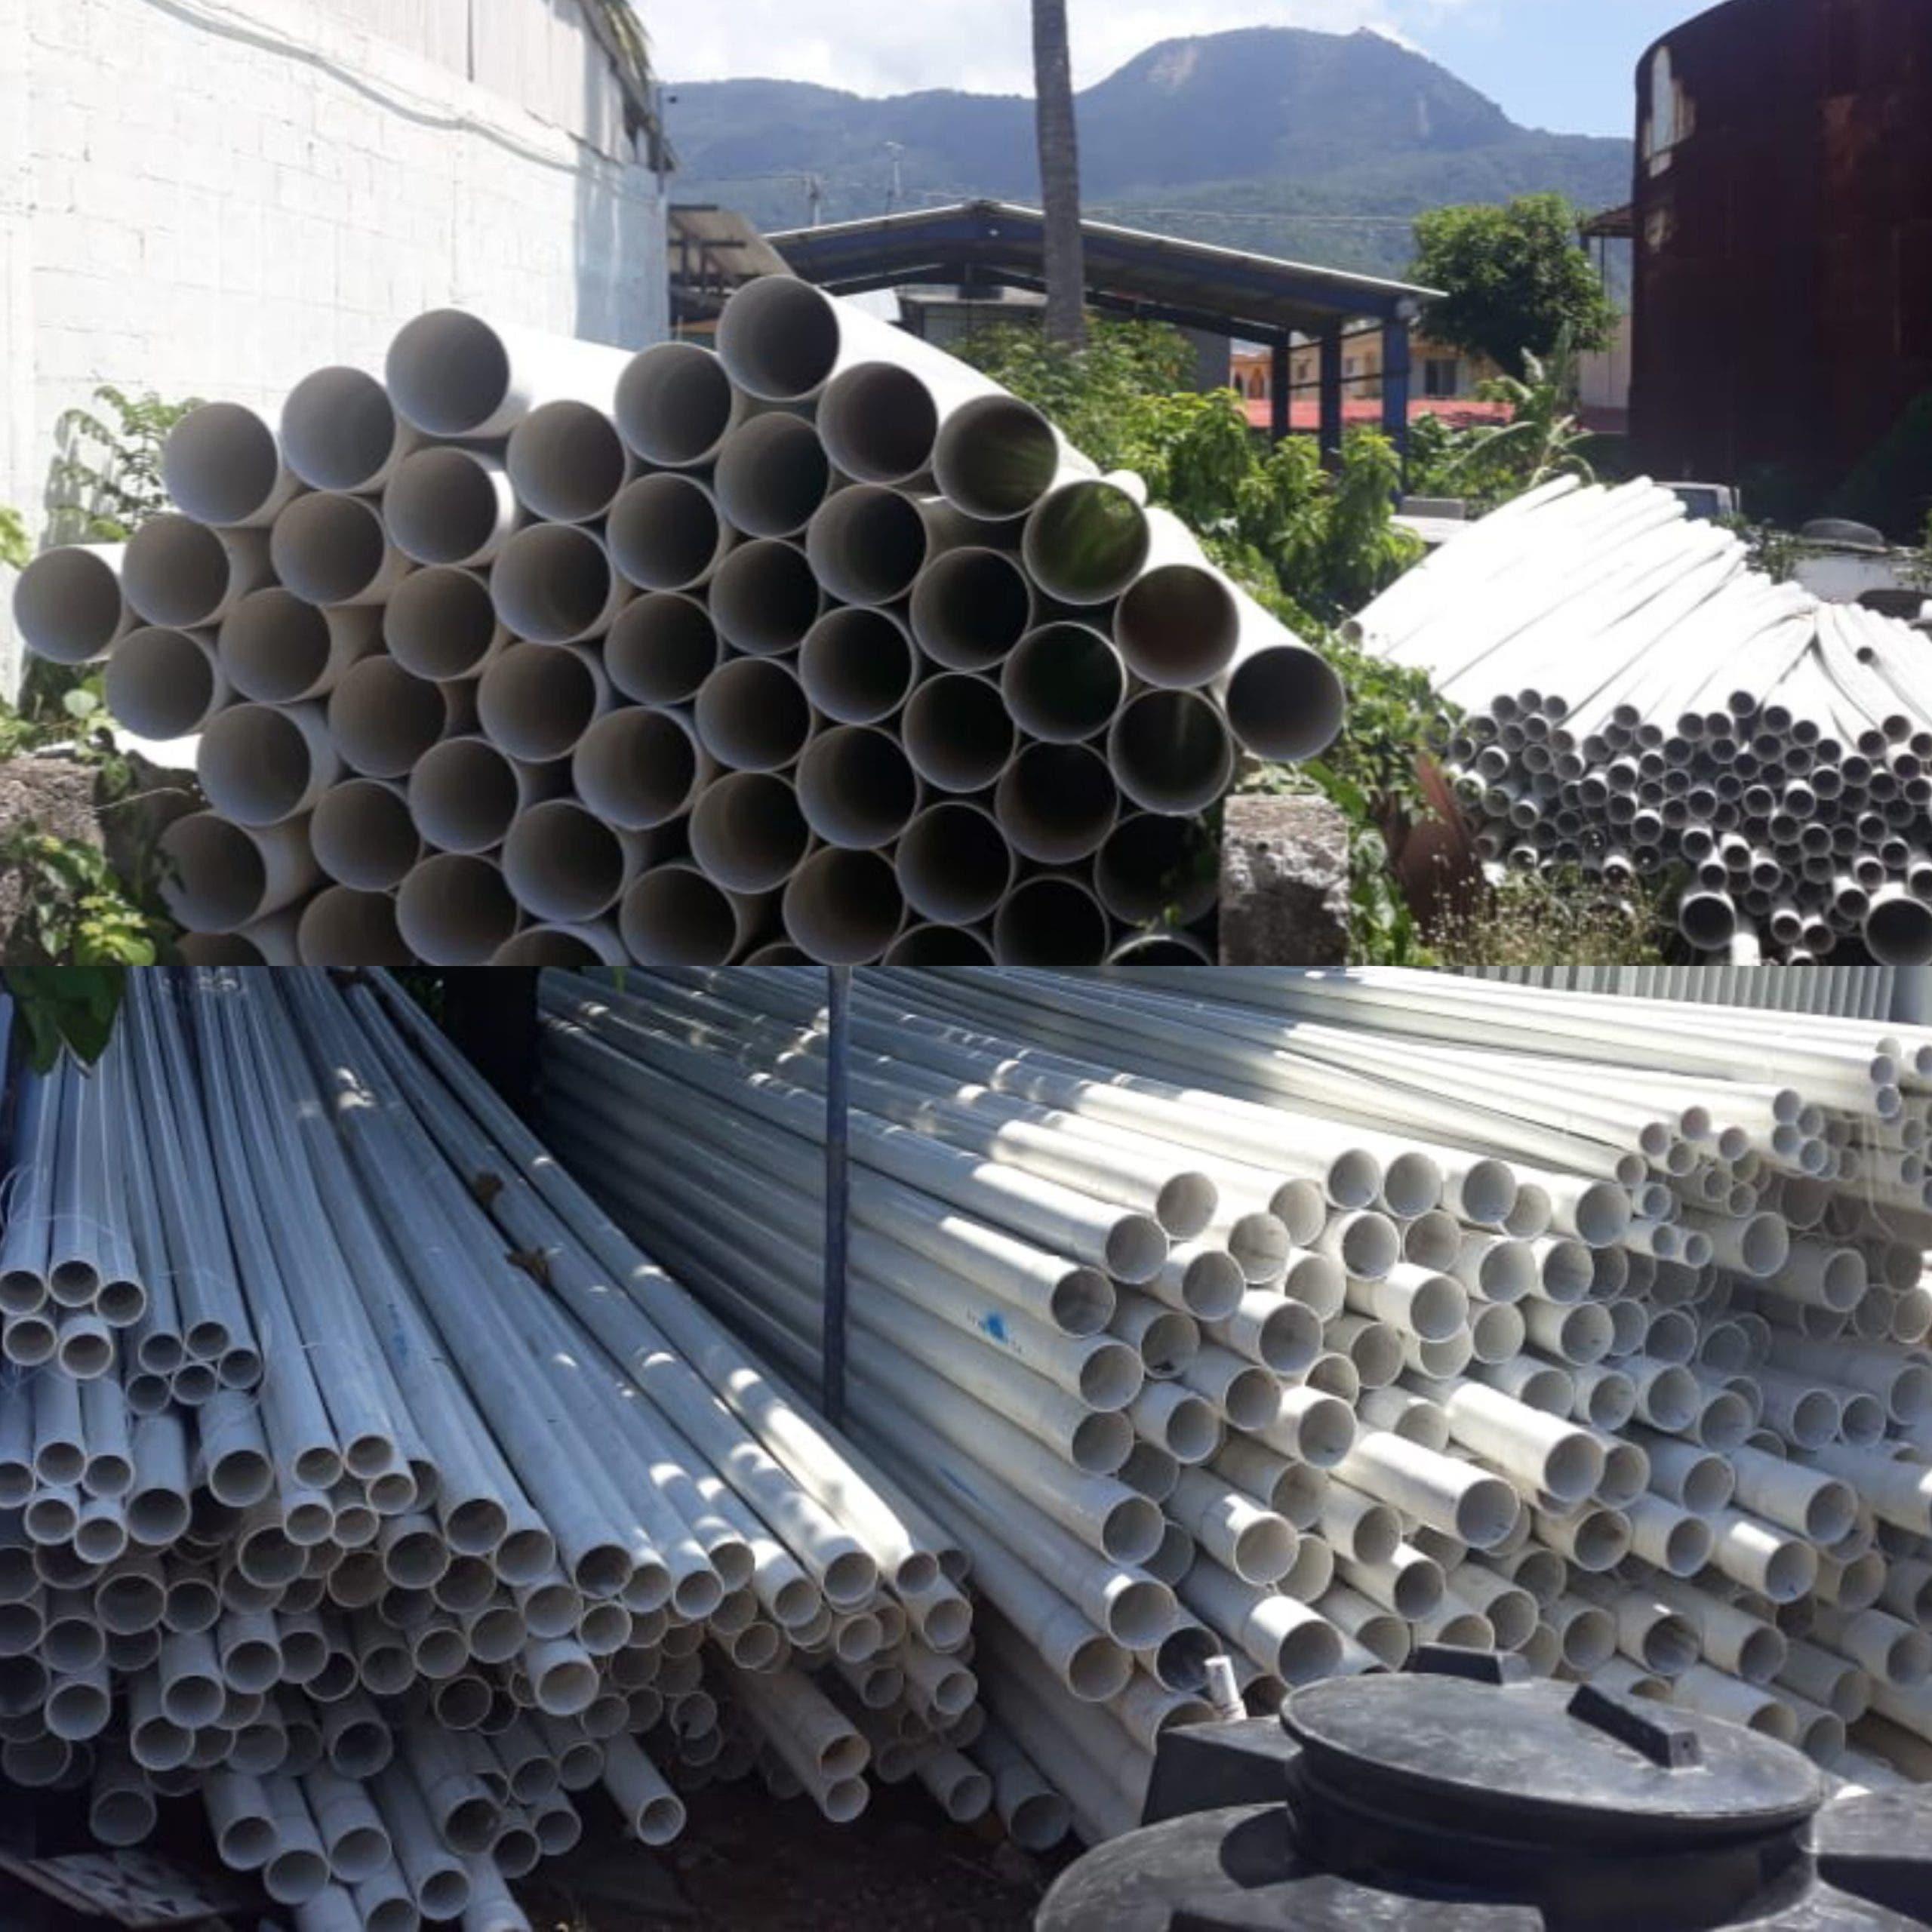 Coraapplata adquiere tubos para ampliar redes y seguir mejorando suministro agua potable